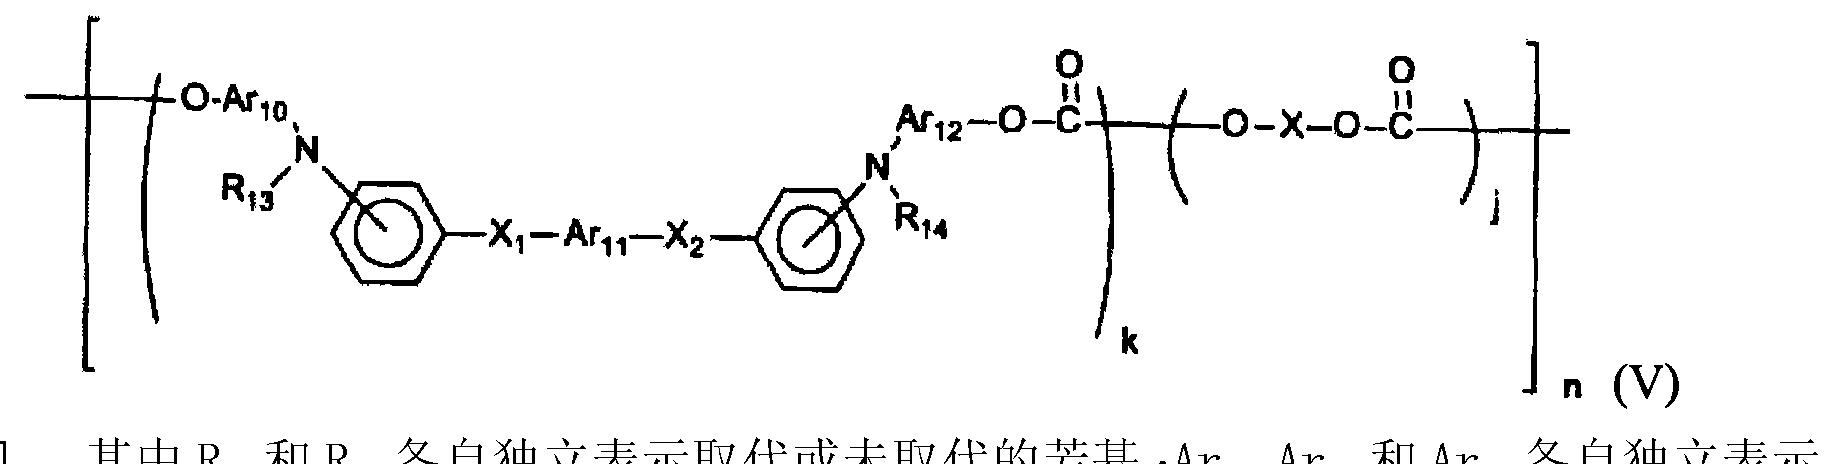 Figure CN101533237BD00392